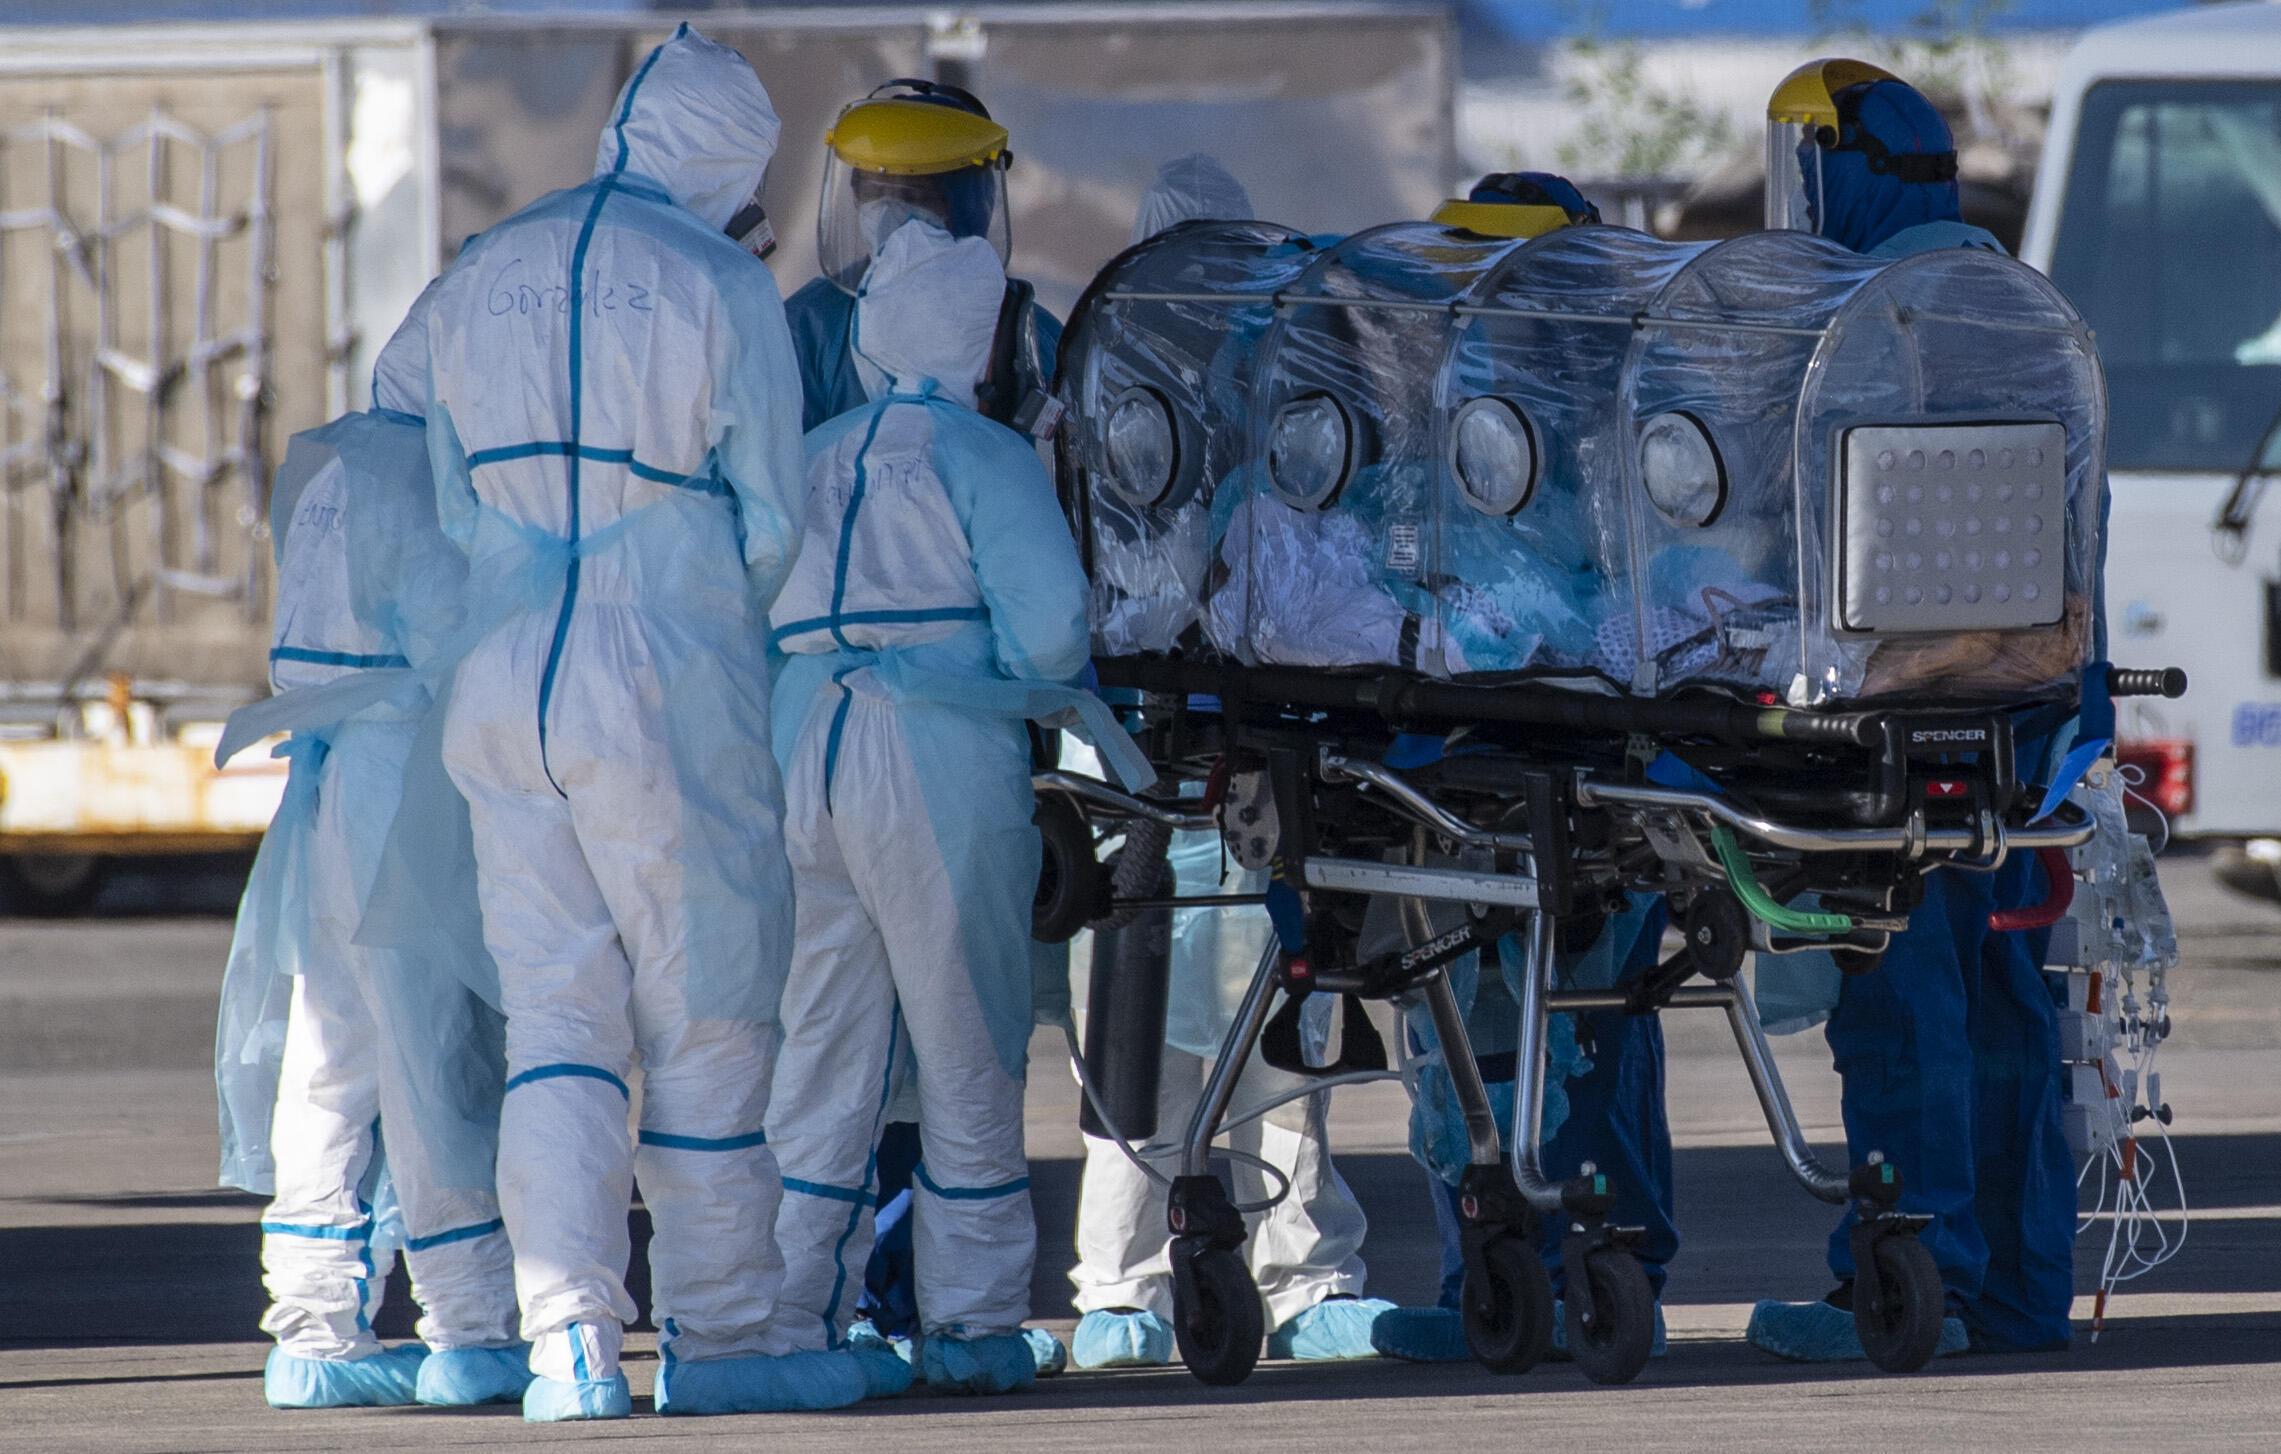 Trabajadores de la salud trasladan a un paciente infectado de Covid-19 a un Hércules C-130, en una base de la Fuerza Aérea Chilena en Santiago, Chile, el 24 de mayo de 2020.